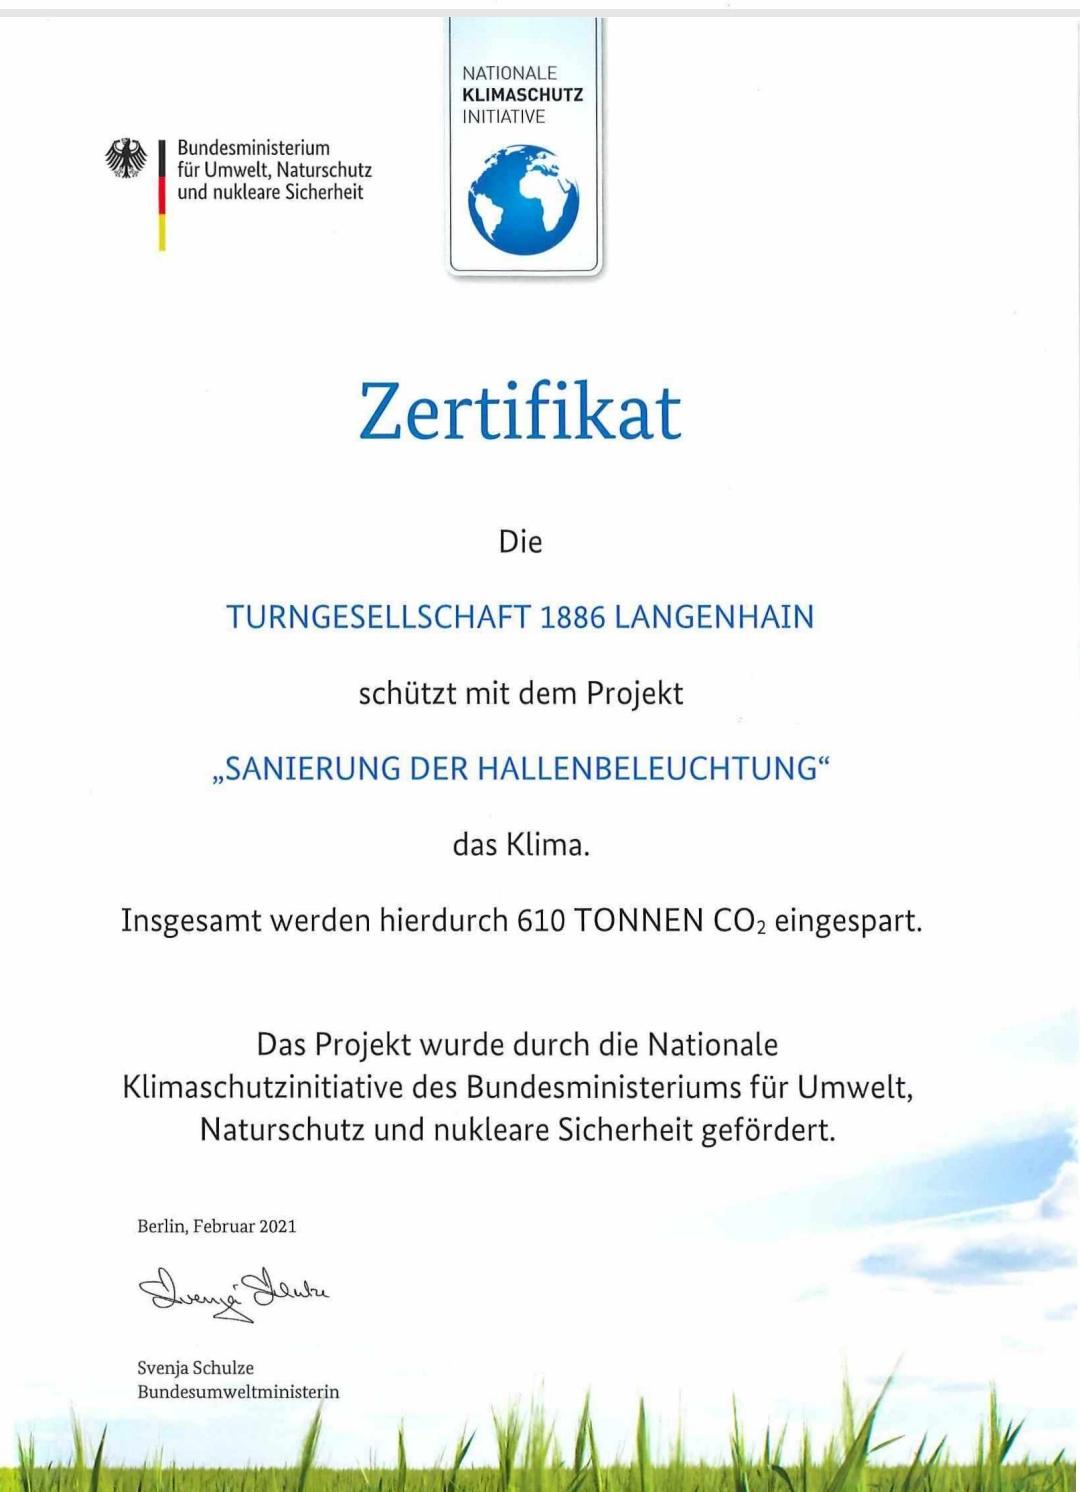 Zertifikat der Nationalen Klimaschutz Initiative für die TGS-Langenhain